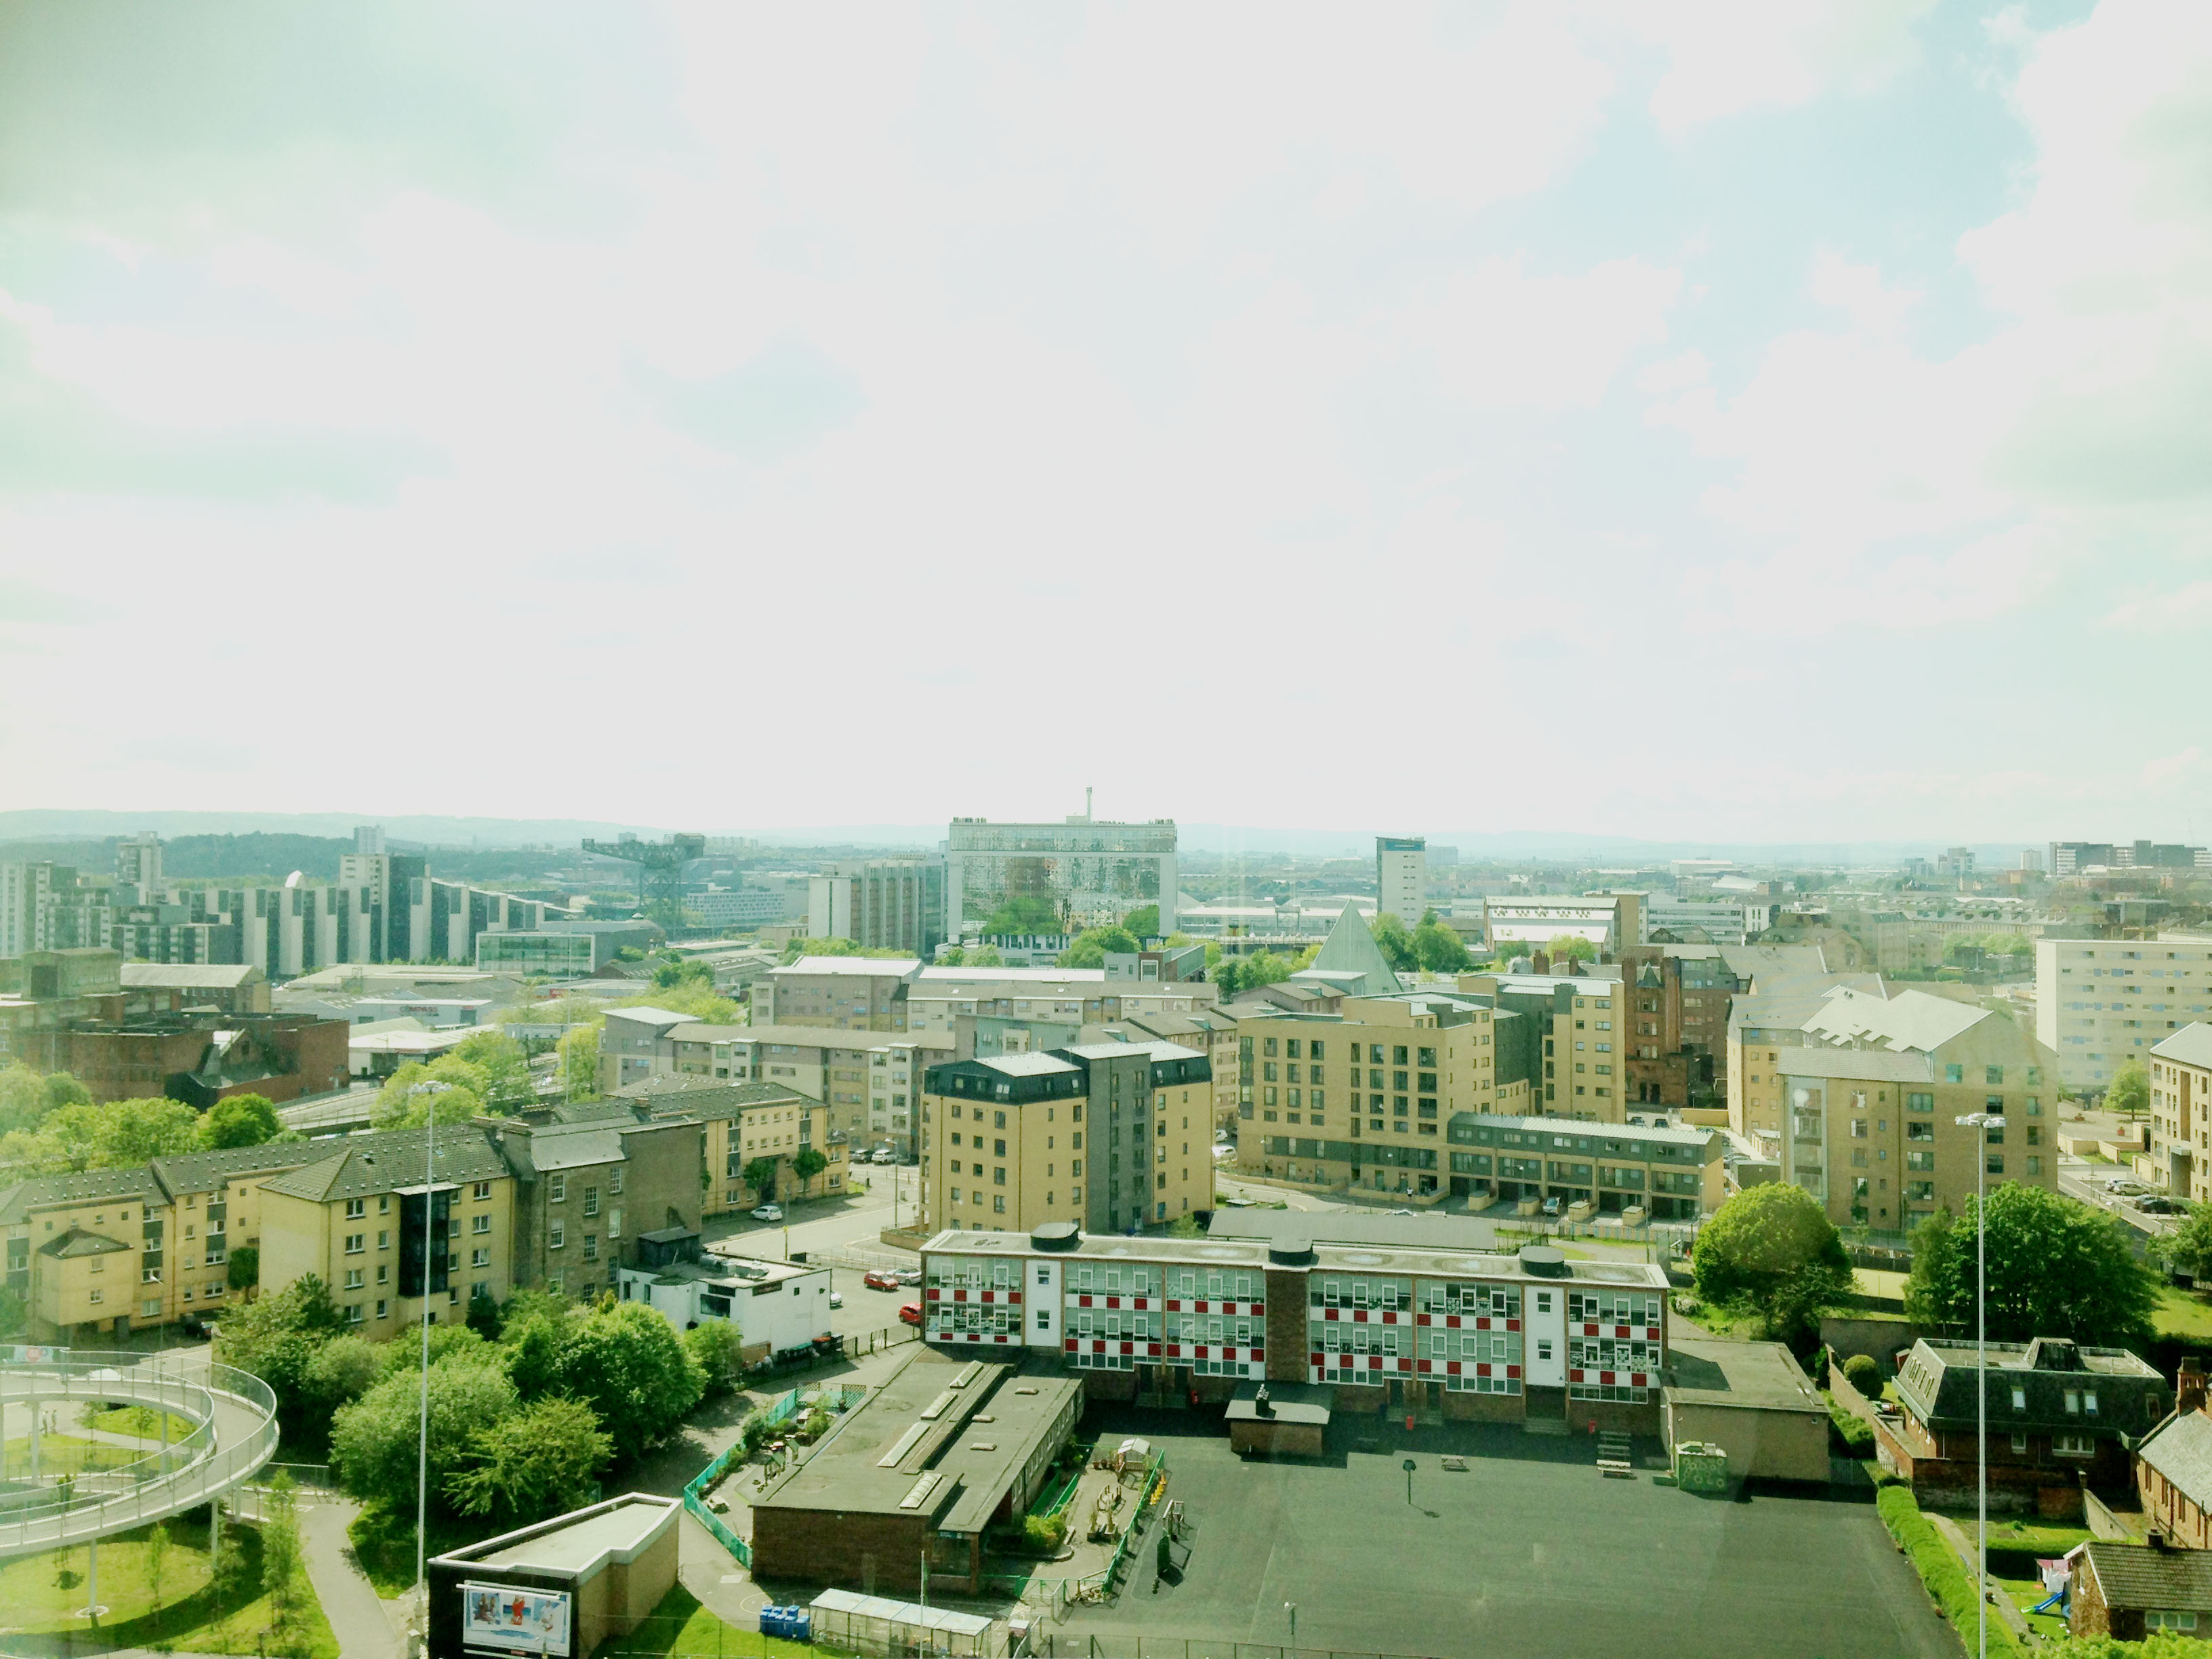 Hilton Hotel Glasgow